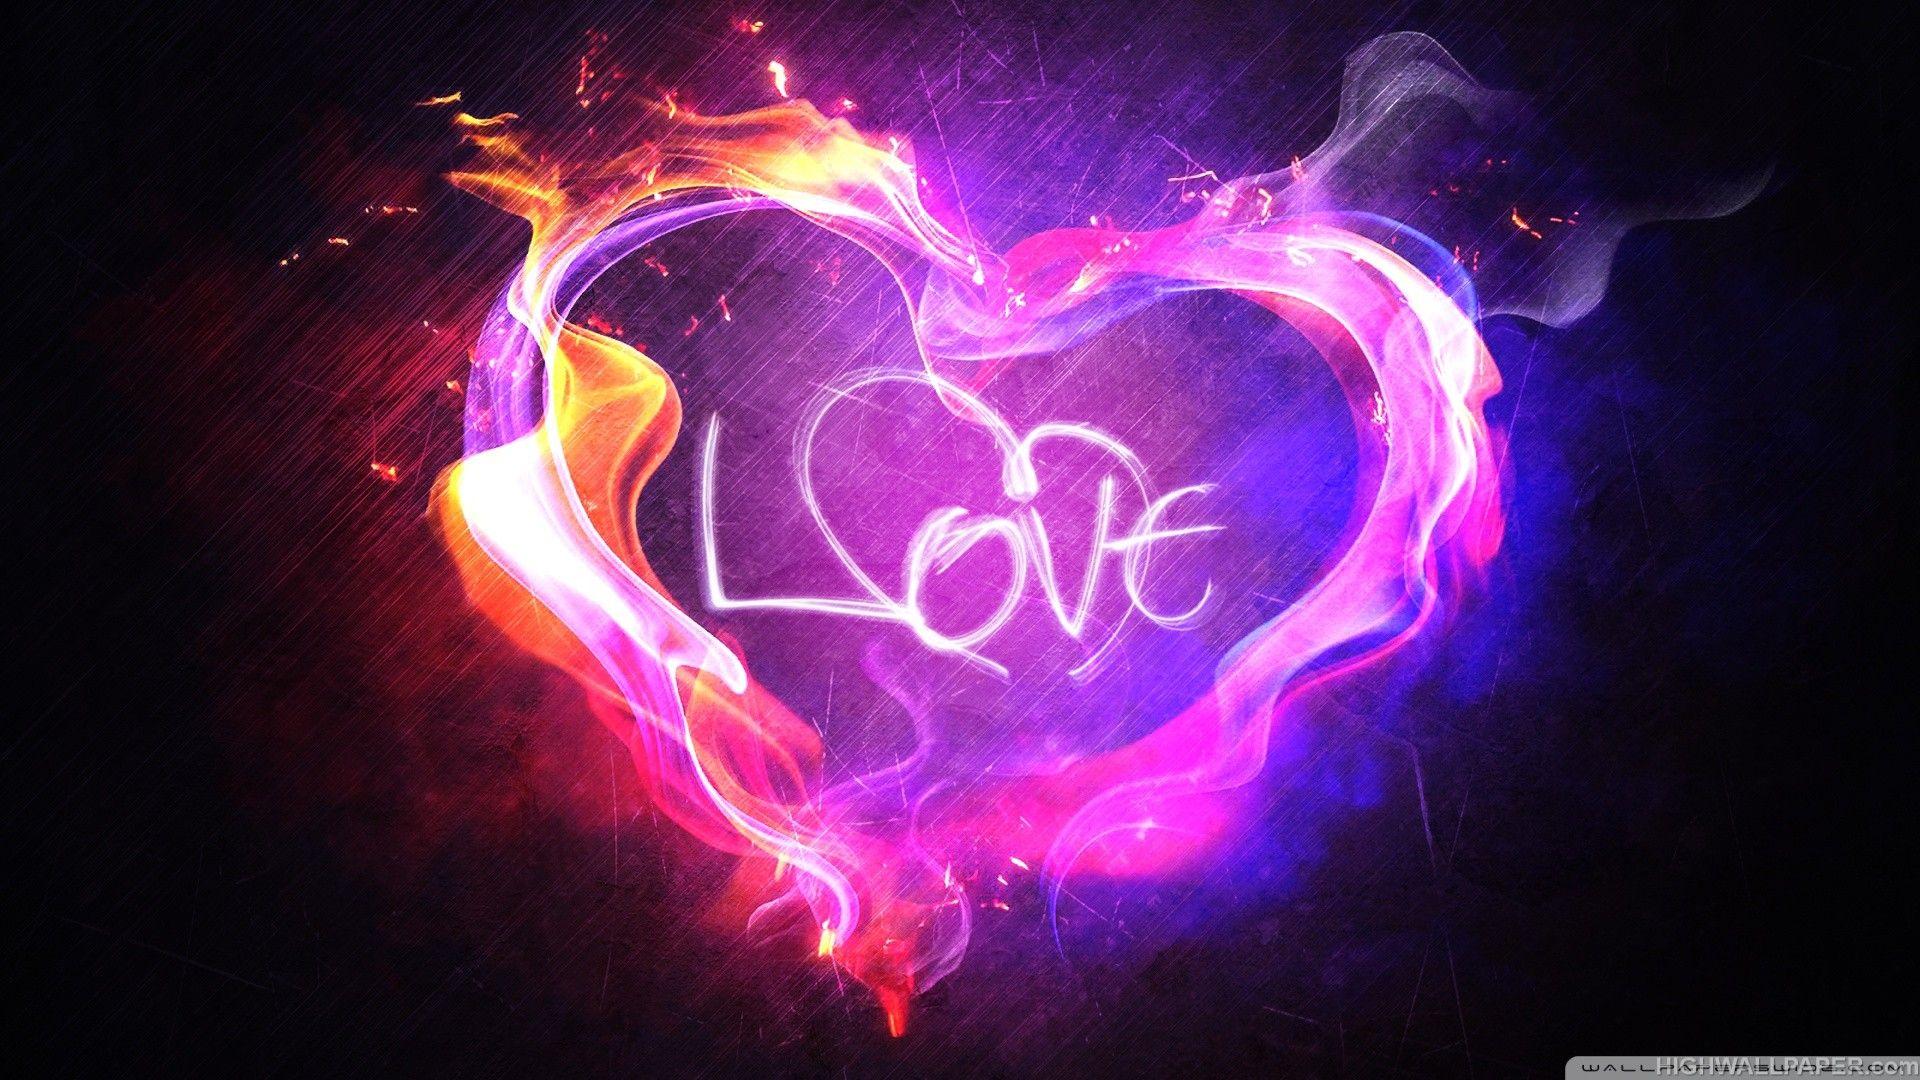 Neon Heart Desktop Background Wallpapers For Desktop ...